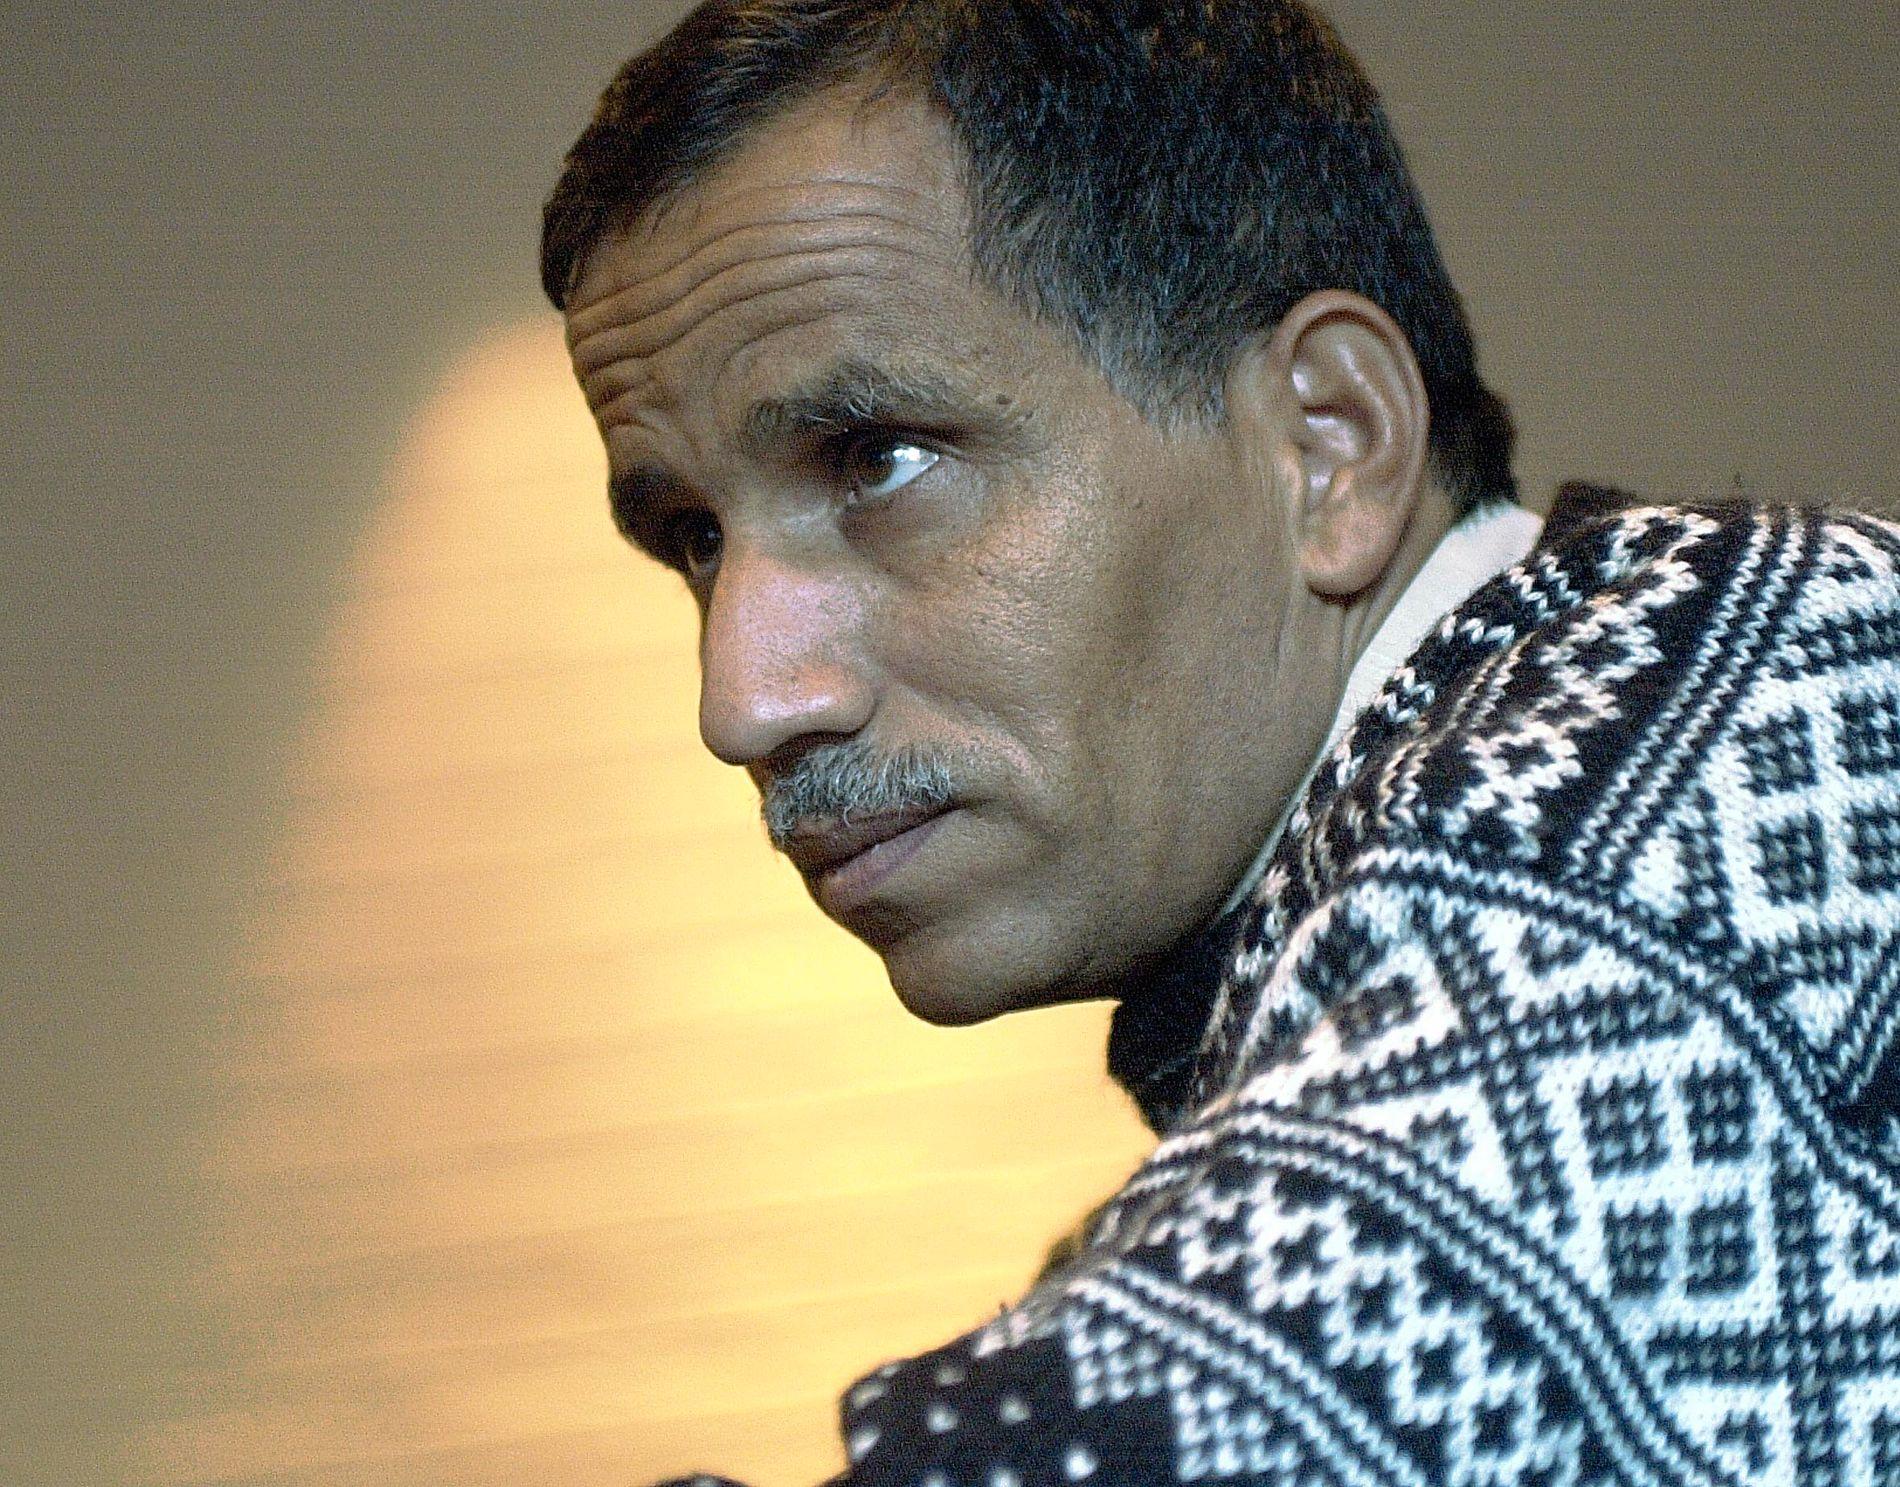 FENGSLA: Rafto-prisvinnar Sidi Mohamed Daddach har vore fengsla i meir enn 20 år for sin motstandskamp mot Marokko.